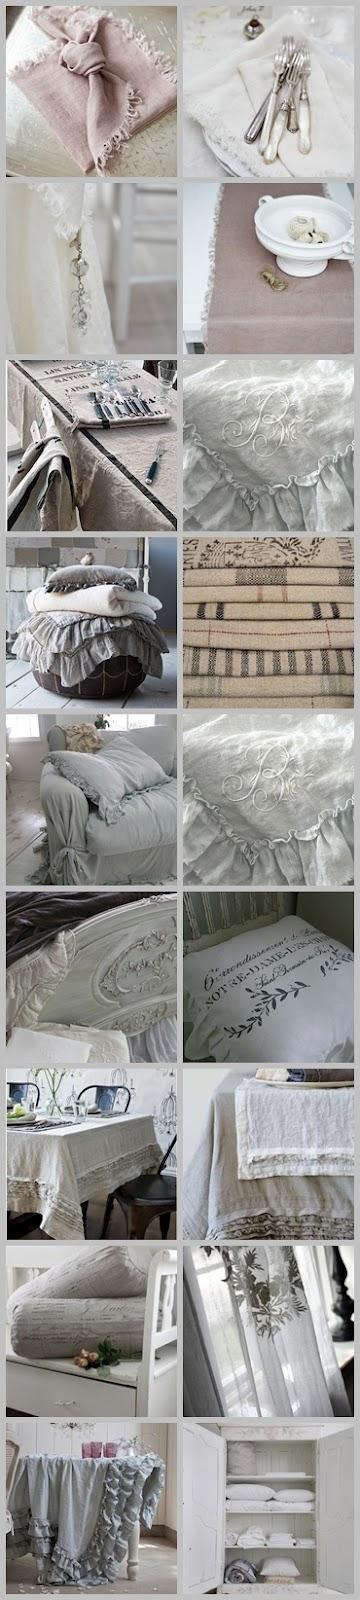 linen collection vintage pinterest leinen wandfarbe und franz sischer landhausstil. Black Bedroom Furniture Sets. Home Design Ideas